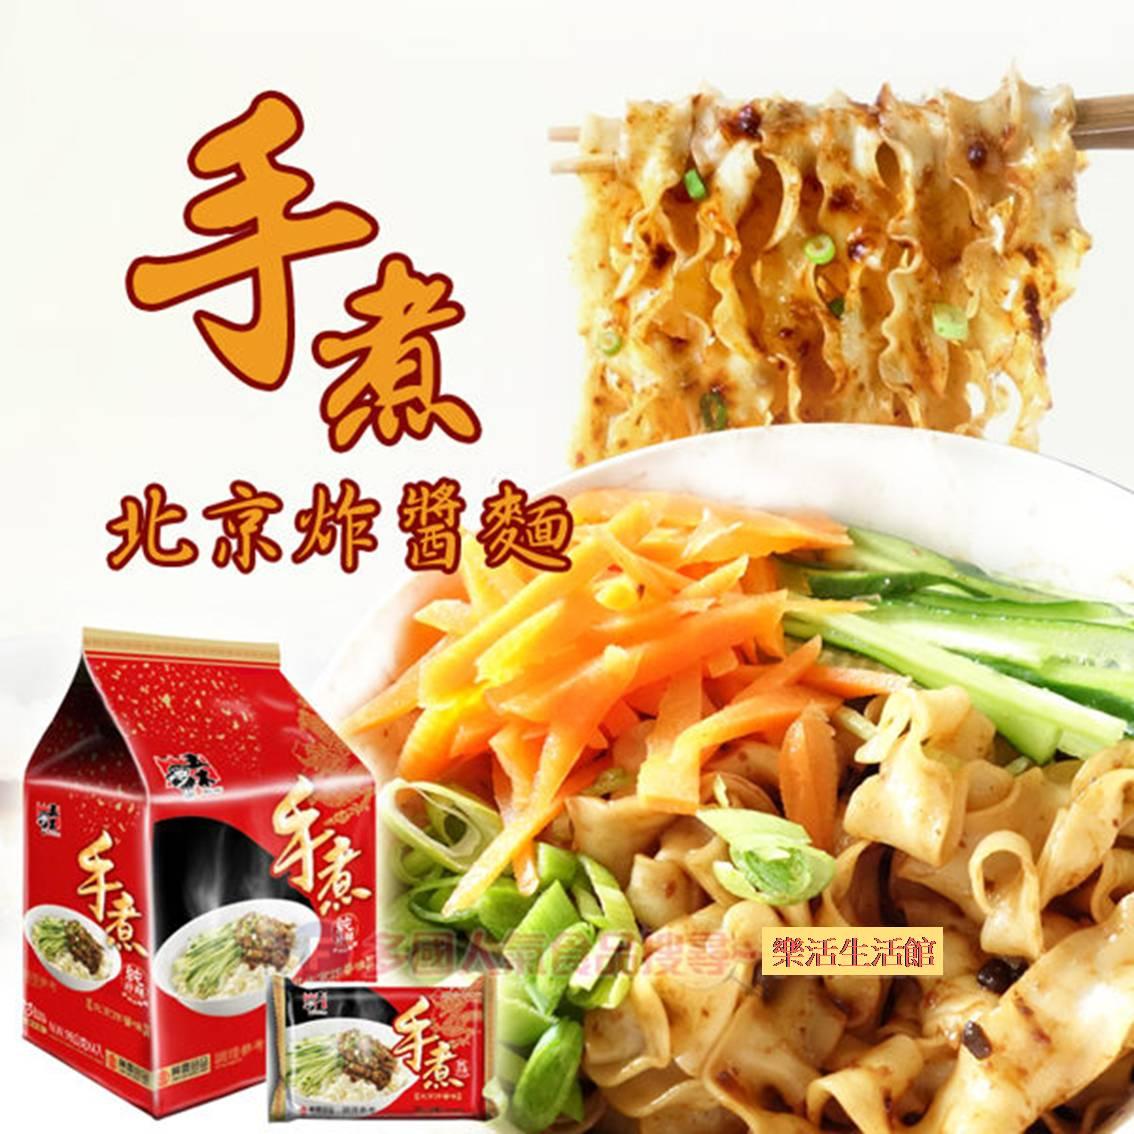 五木手煮北京炸醬麵 泡麵 乾麵 98g   樂活生活館